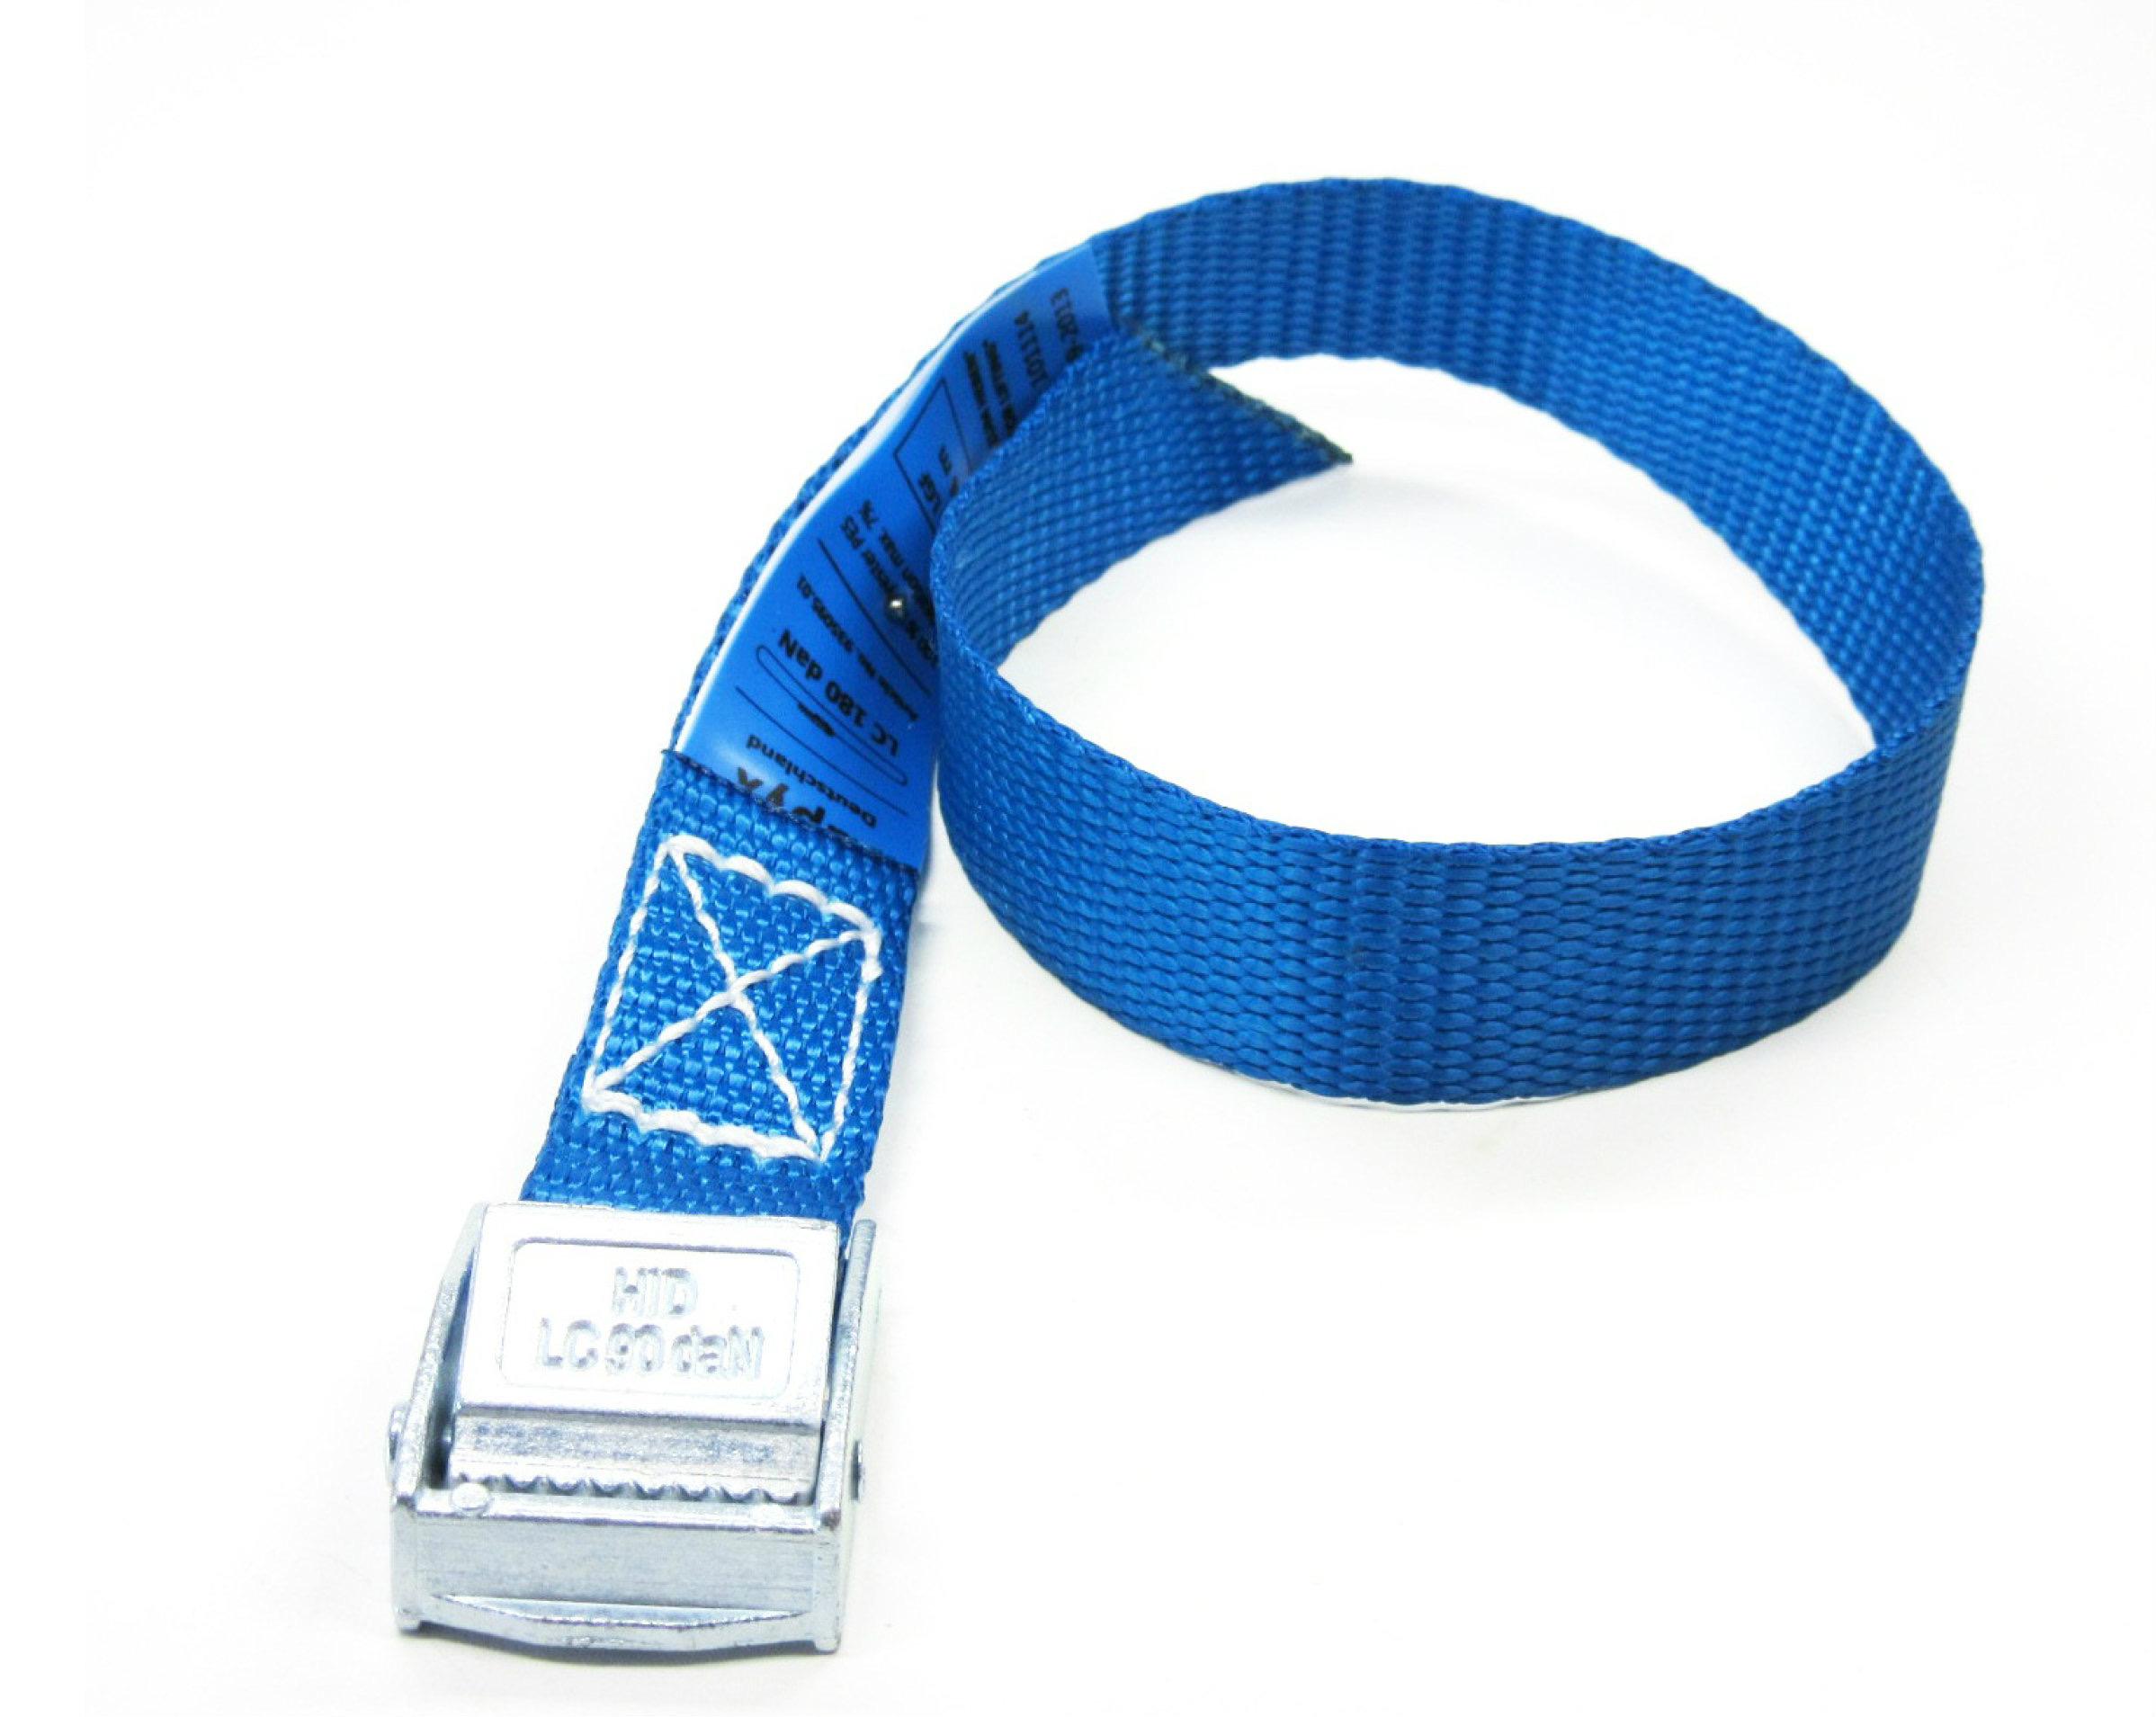 Spanbanden blauw 20 mm met klemsluiting 100 stuks